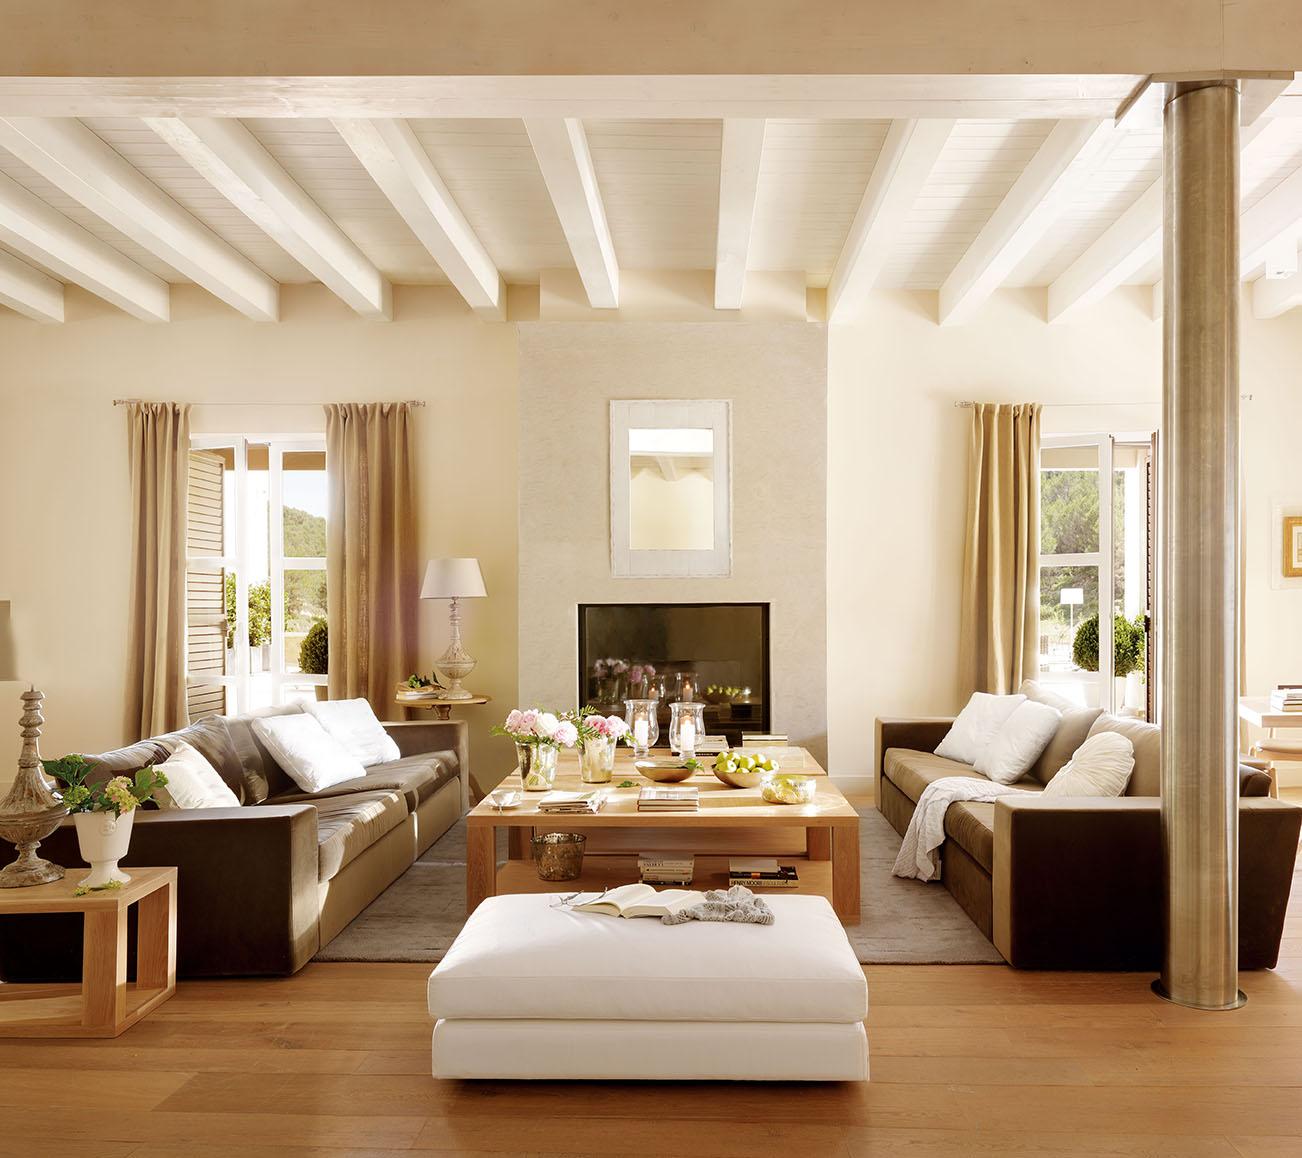 Salón Con Chimeneas Y Grandes Sofás Negros Con Cojines Blancos_00322399 12